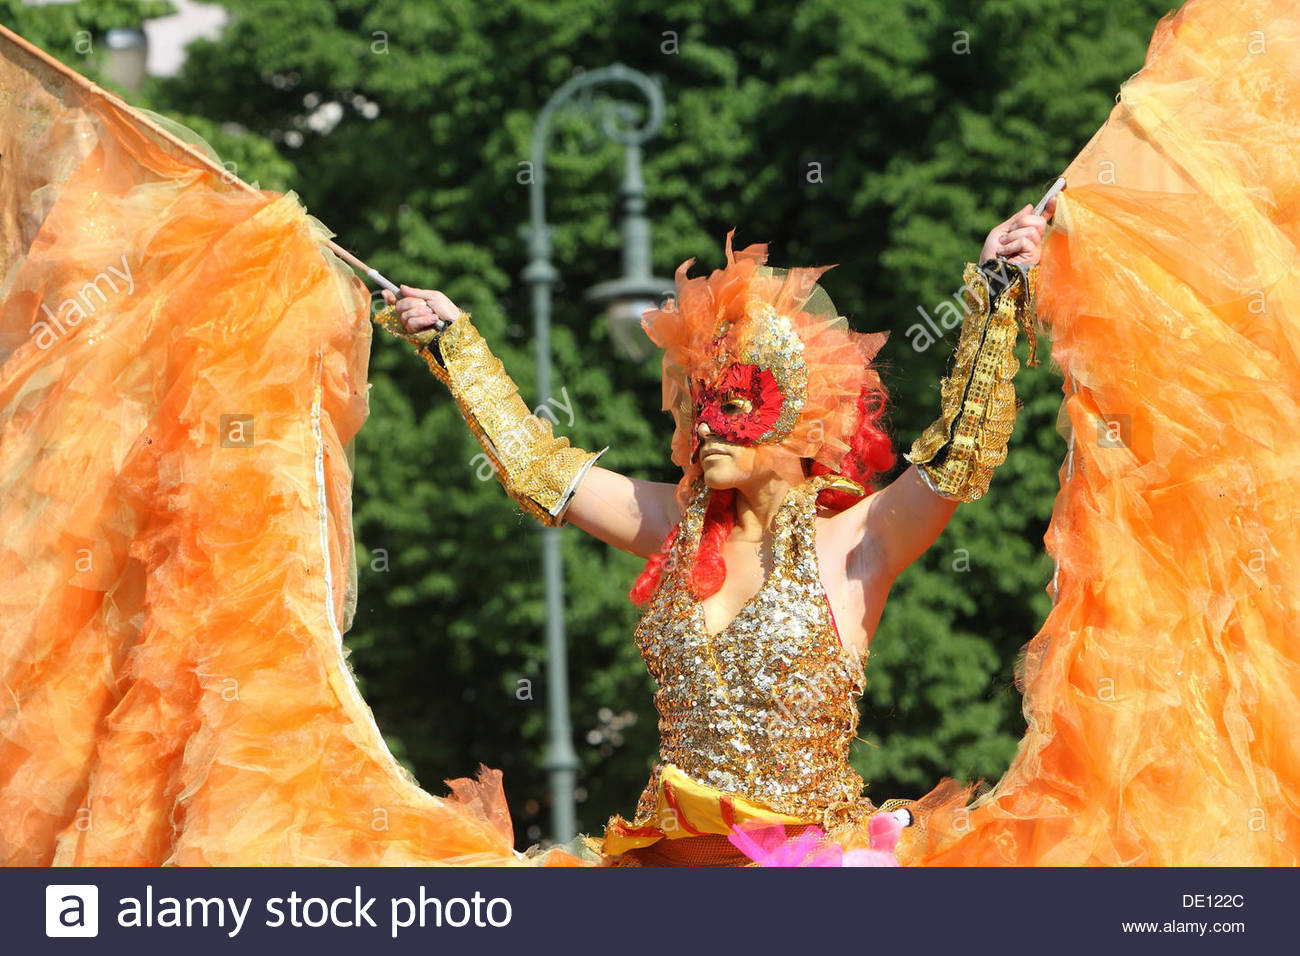 Ballerino, il Carnevale delle culture di Berlino Immagini Stock